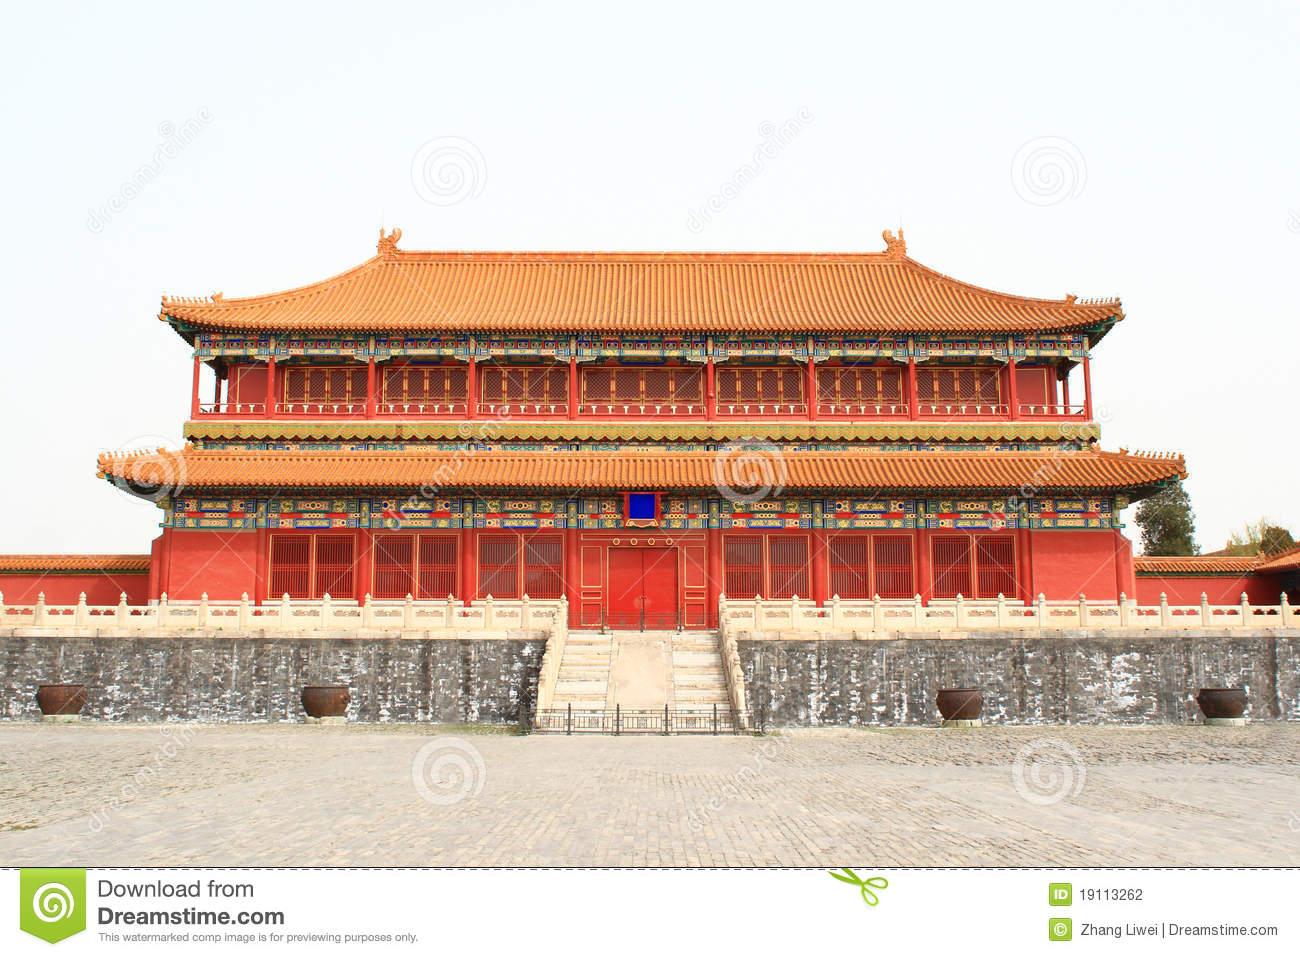 Chinese palace stock photo. Image of brick, history, beautiful.